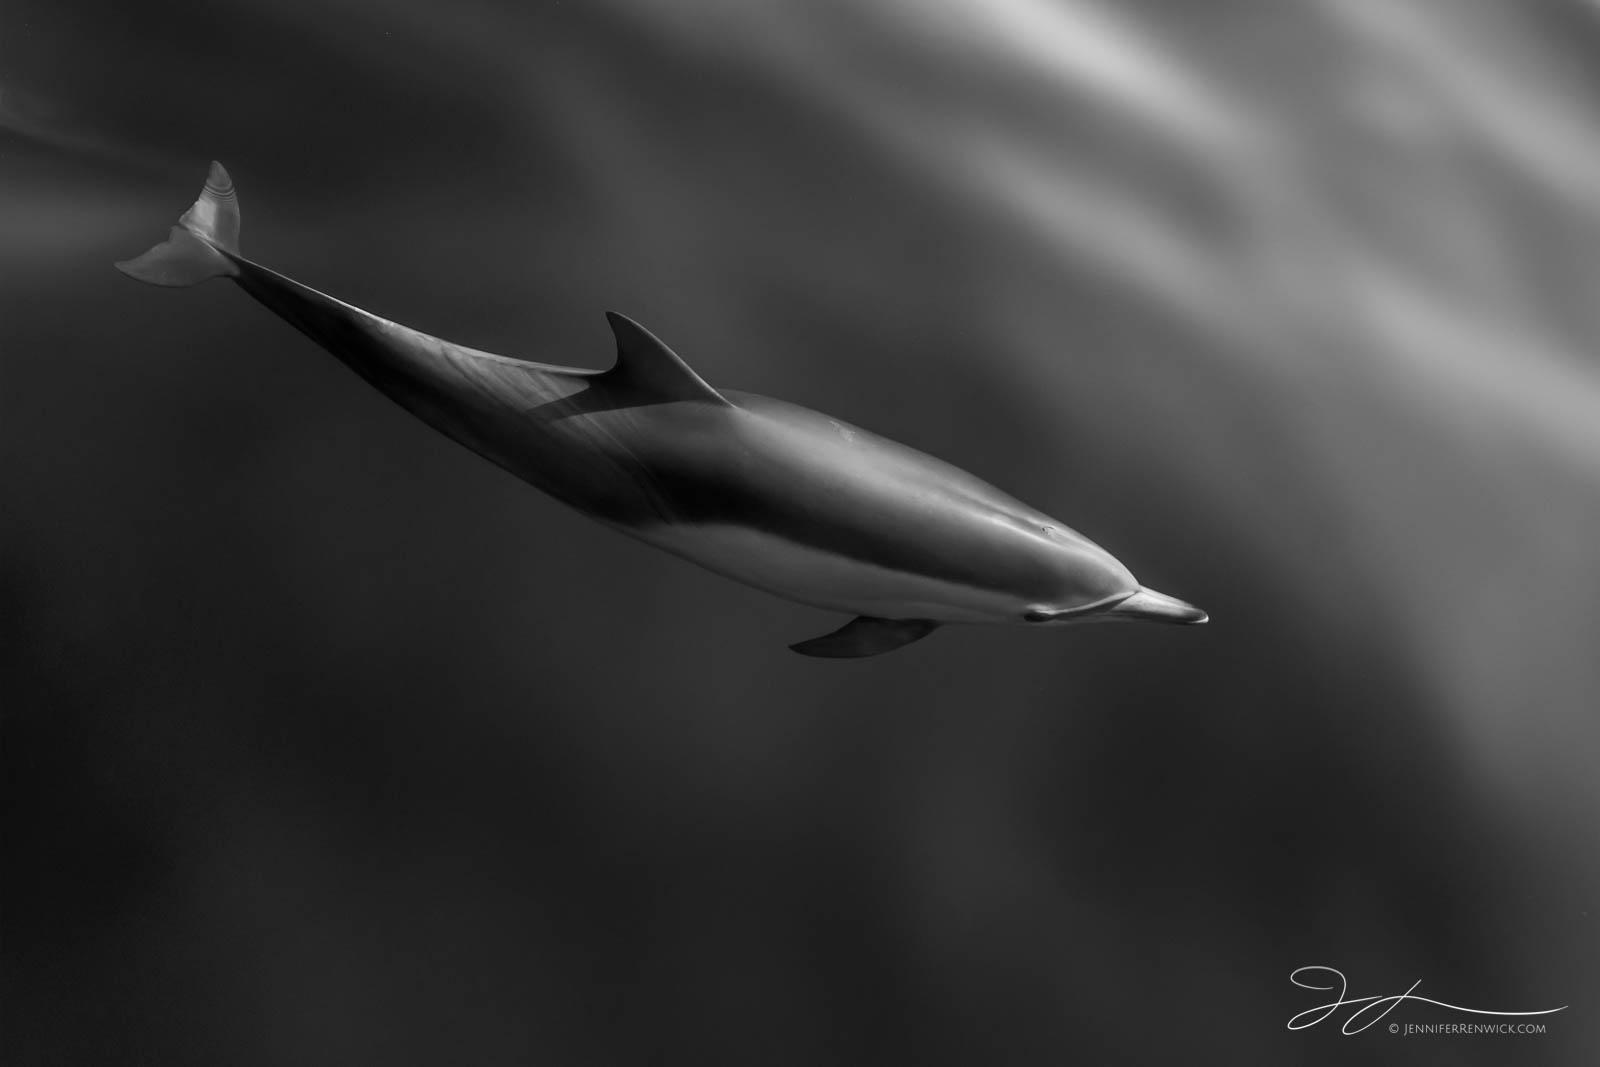 Laguna Beach, black and white dolphin photography, black and white, California, common dolphins, dolphin photography,  wildlife, wild dolphins, monochrome, pod, Pacific Ocean, photo